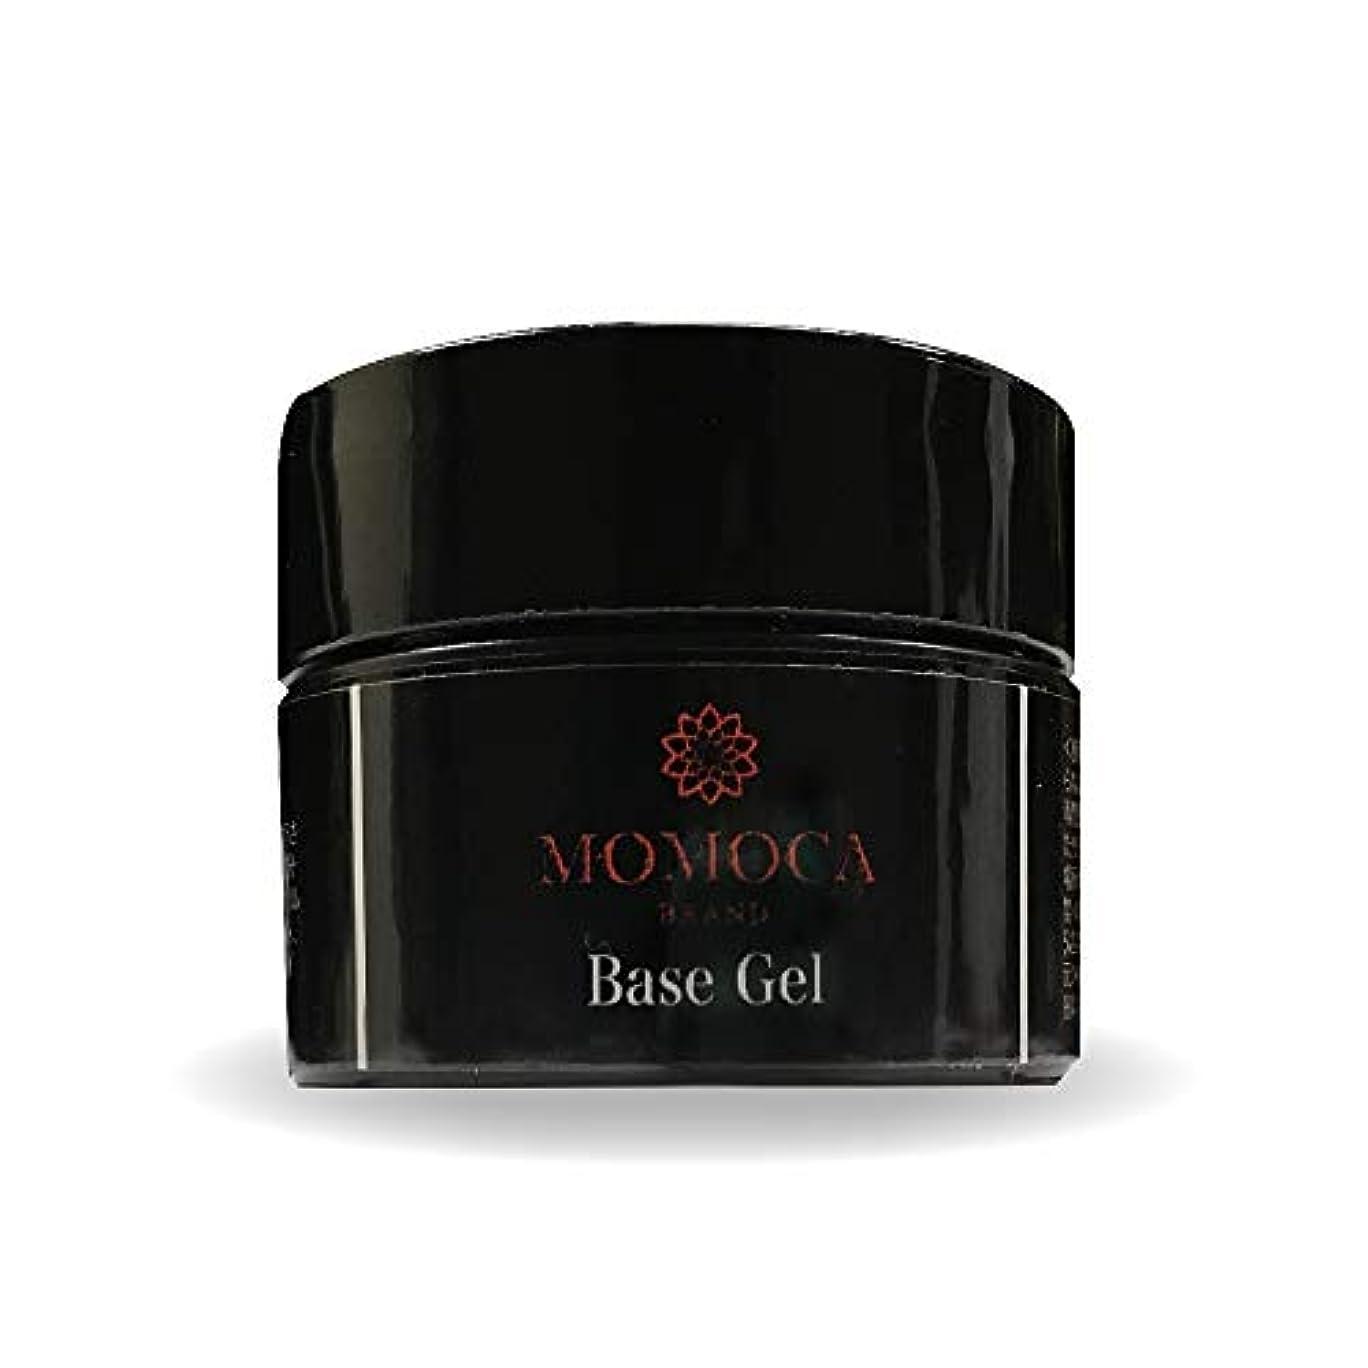 盆コーンウォールれるMOMOCA モモカ ジェルネイル サロン品質 高発色 長持ち プロ仕様 ネイルサロン ネイリスト (ベースジェル)